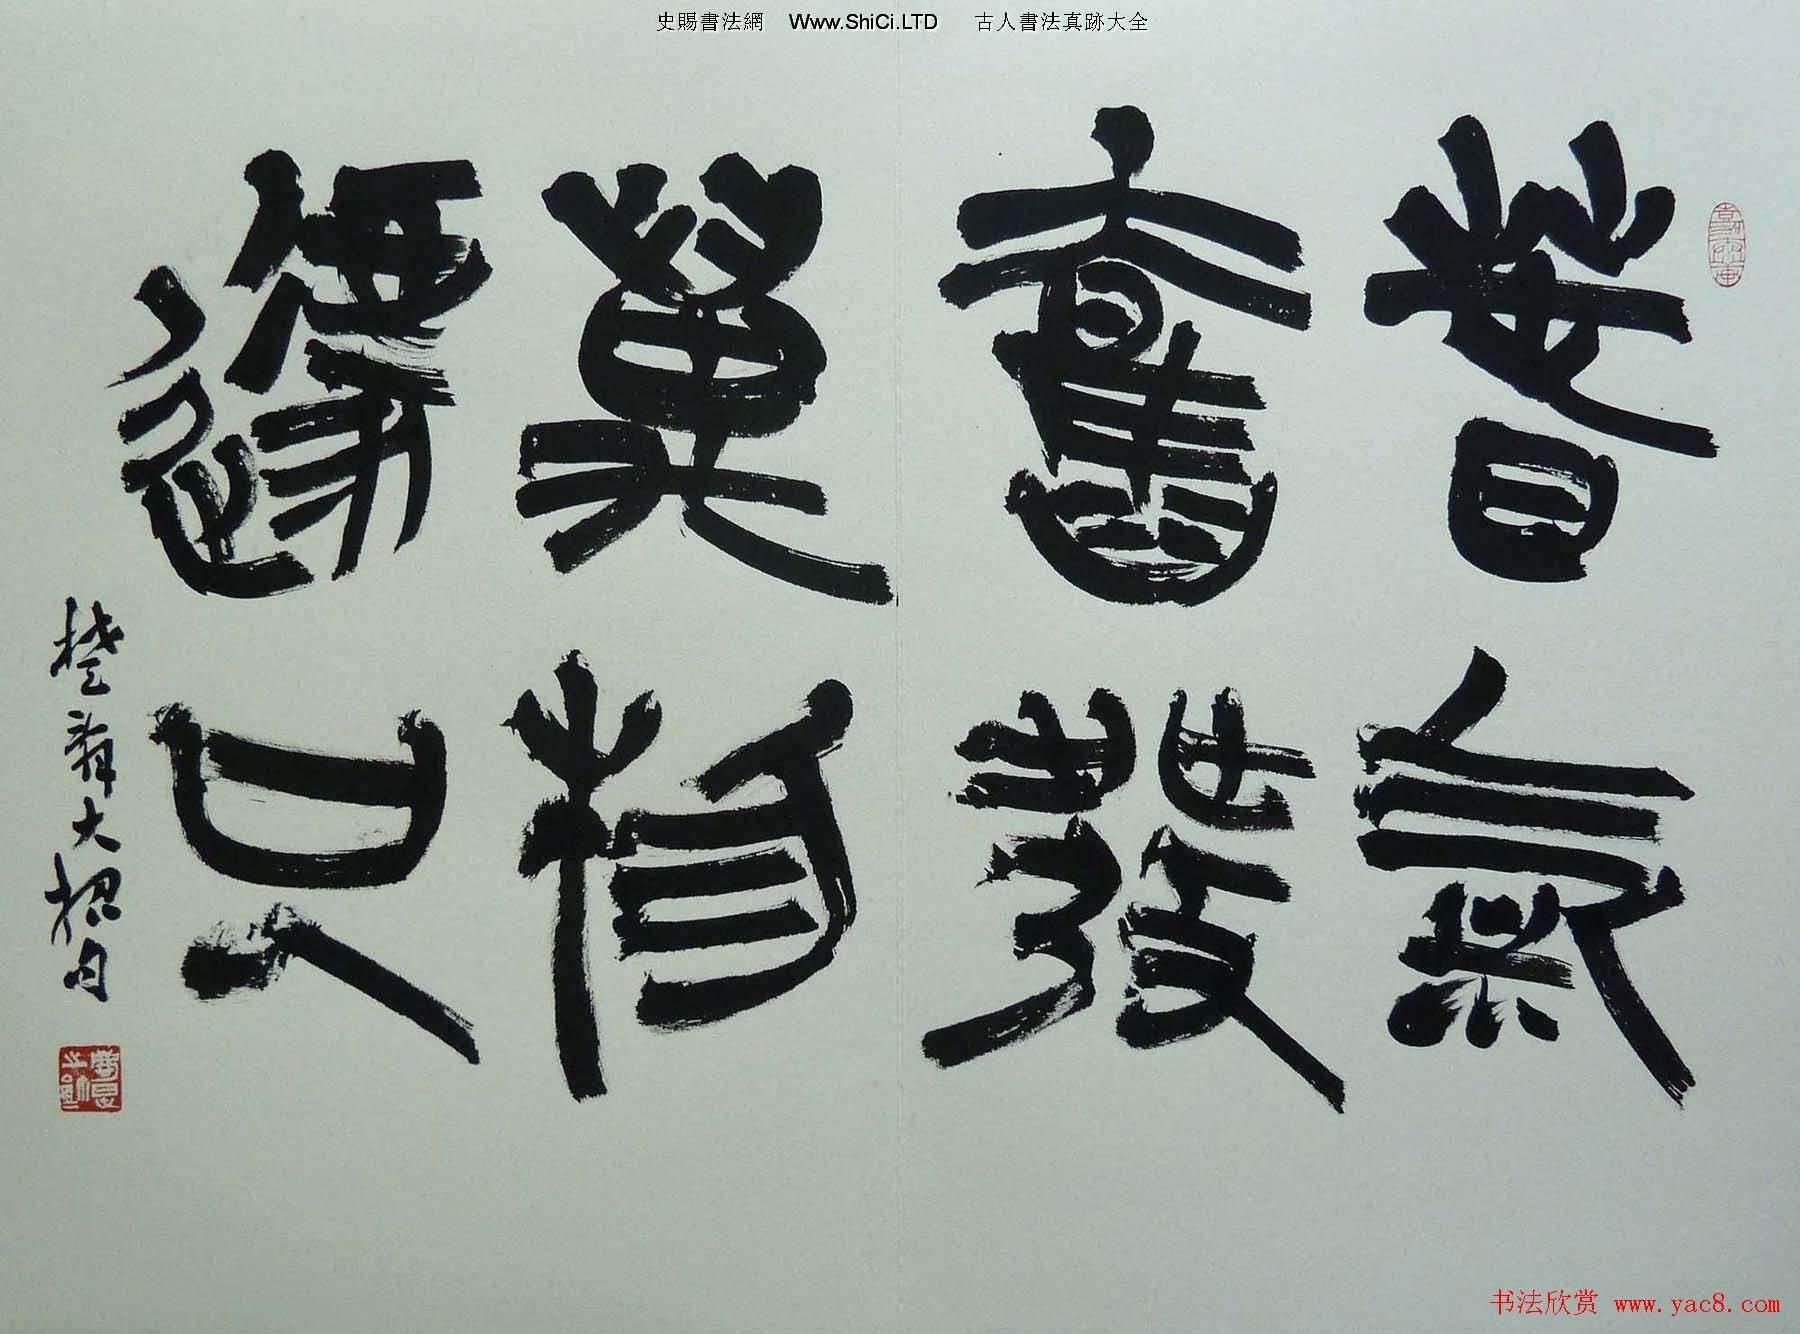 高慶春篆書真跡欣賞《楚辭名句冊》(共11張圖片)